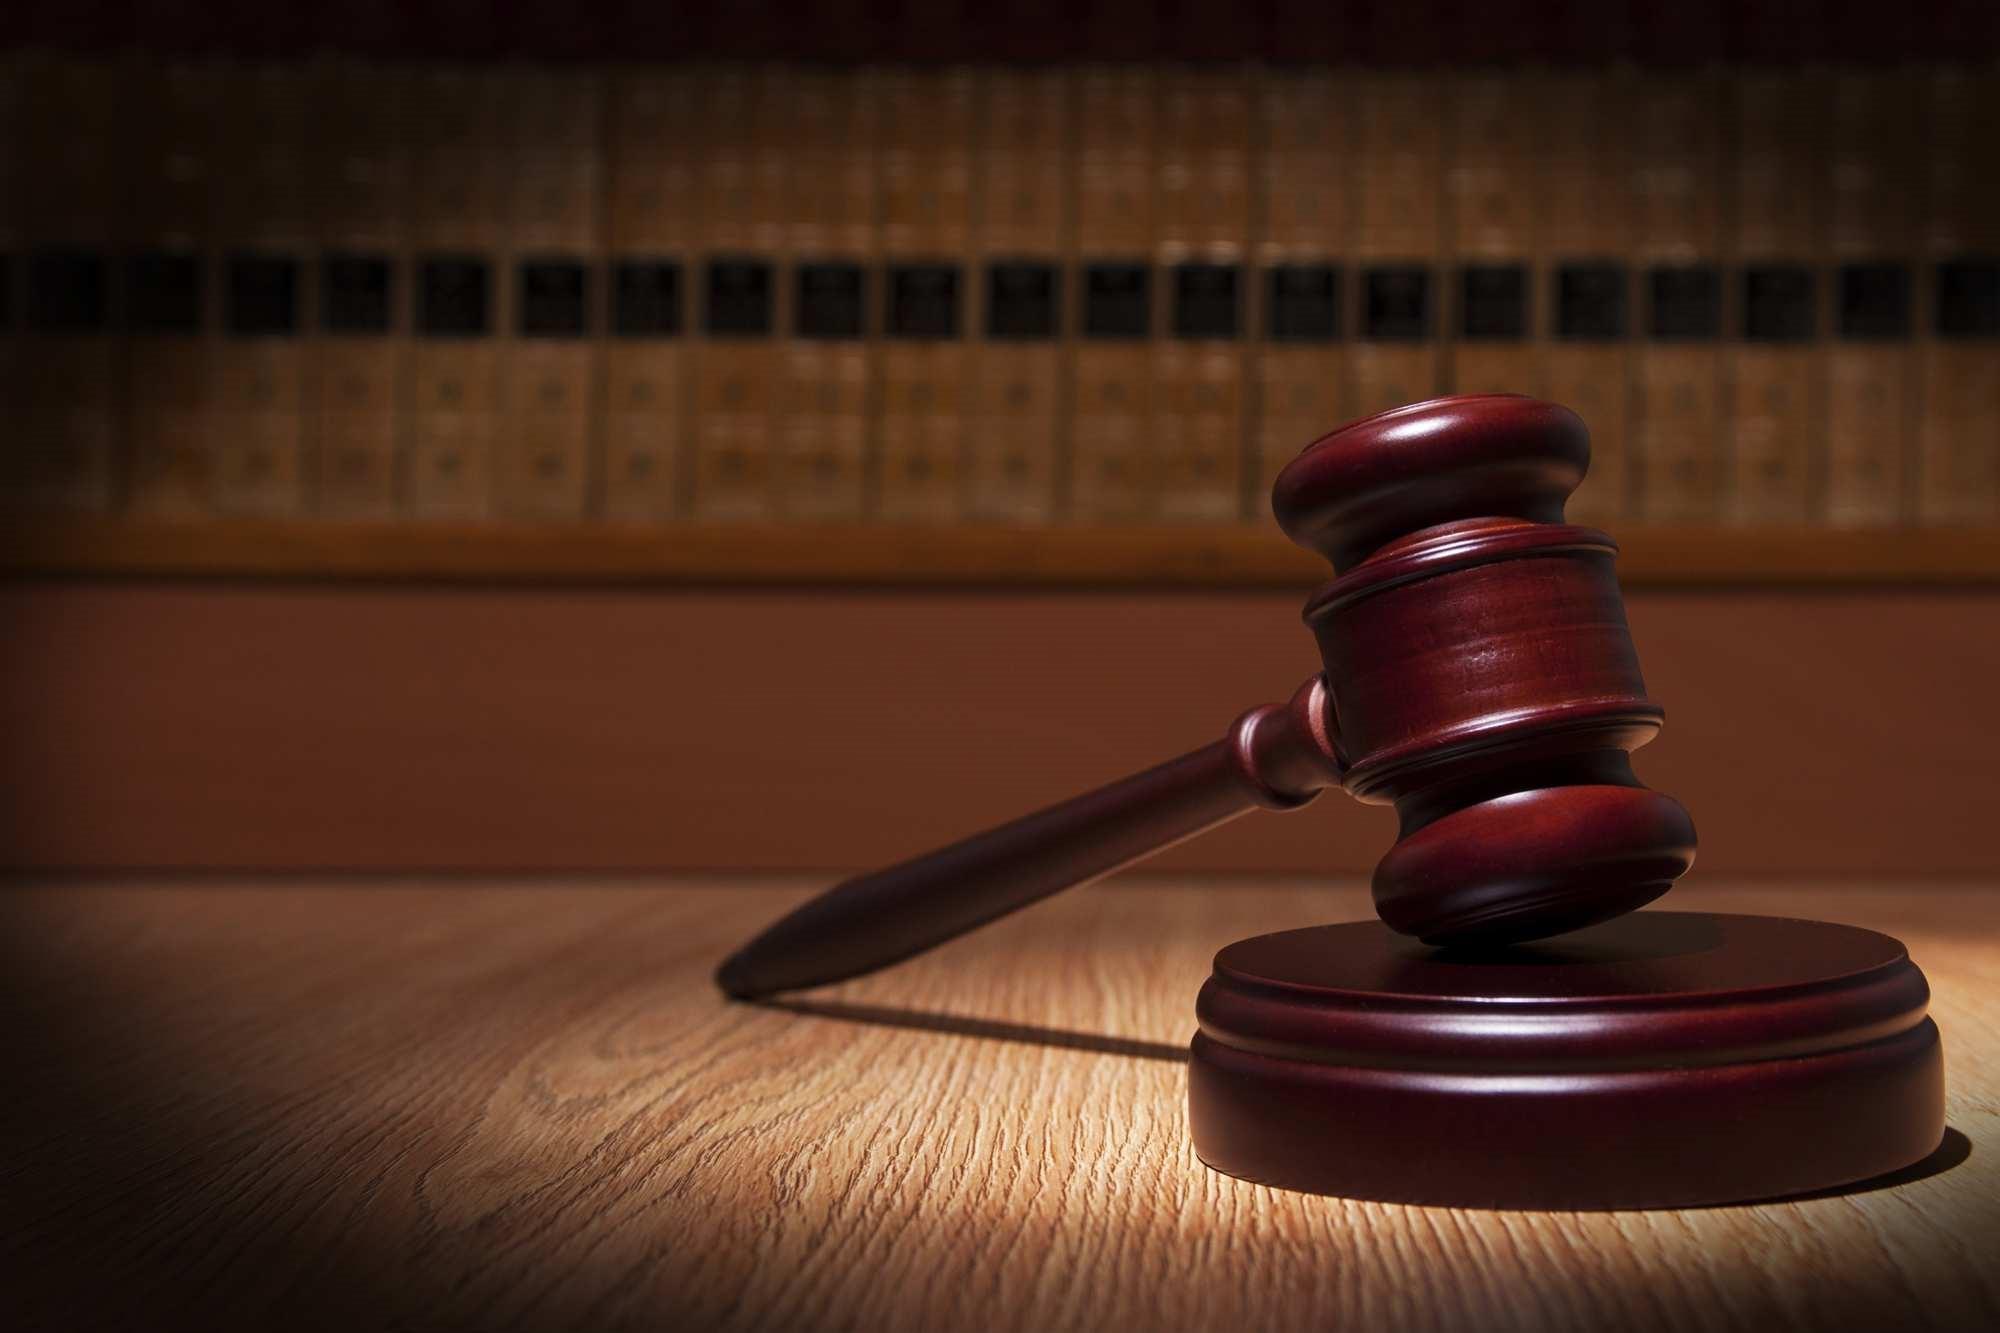 درخواست اعسار در مورد پرداخت کردن مهریه و ذکر کردن مزیت های صدور حکم اعسار